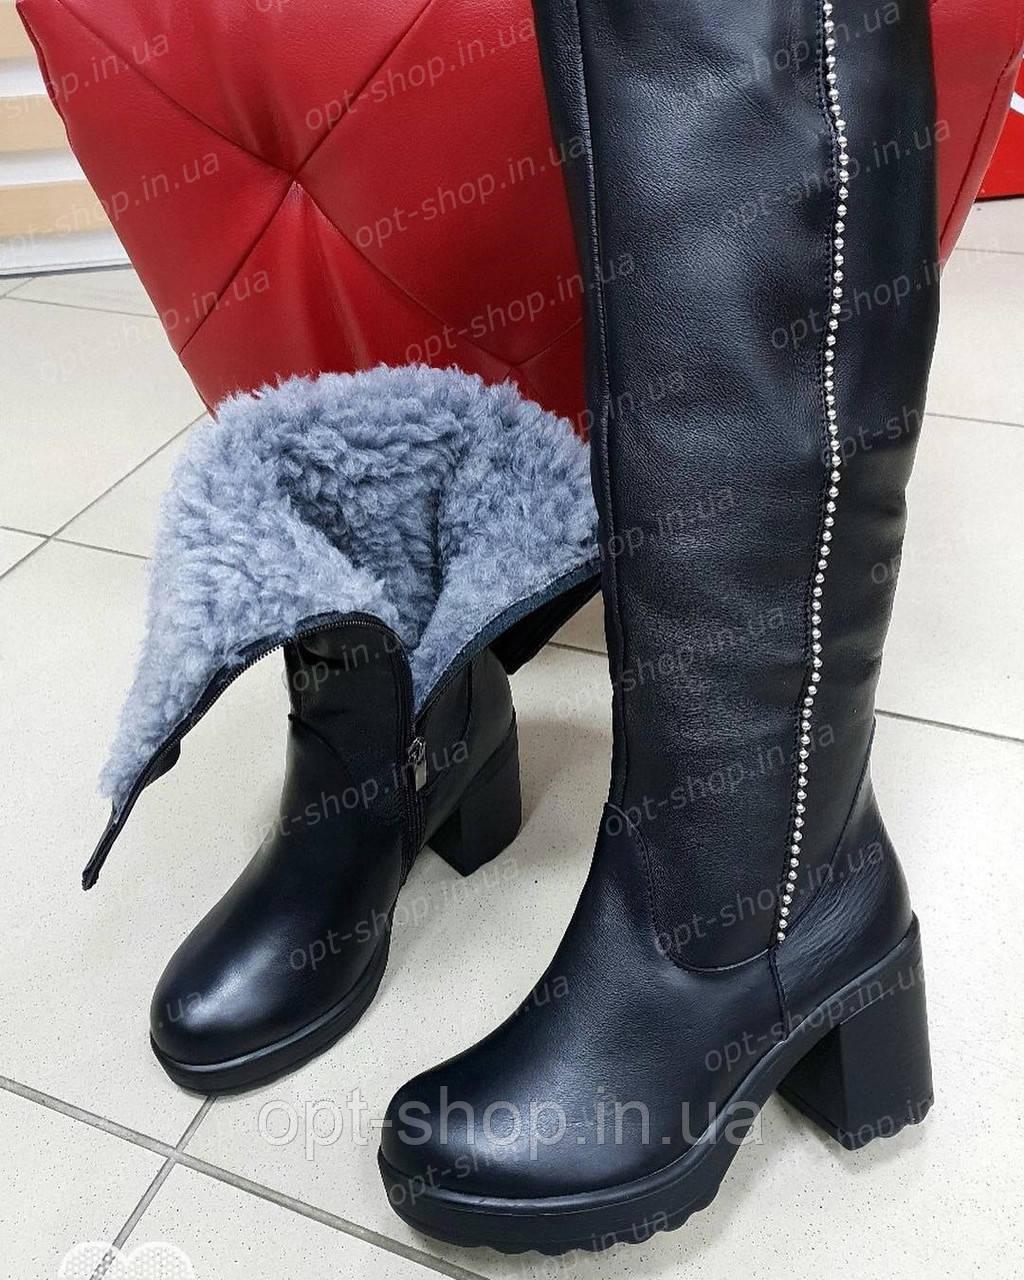 Женские зимние кожаные сапоги на толстом каблуке (код:И-426)